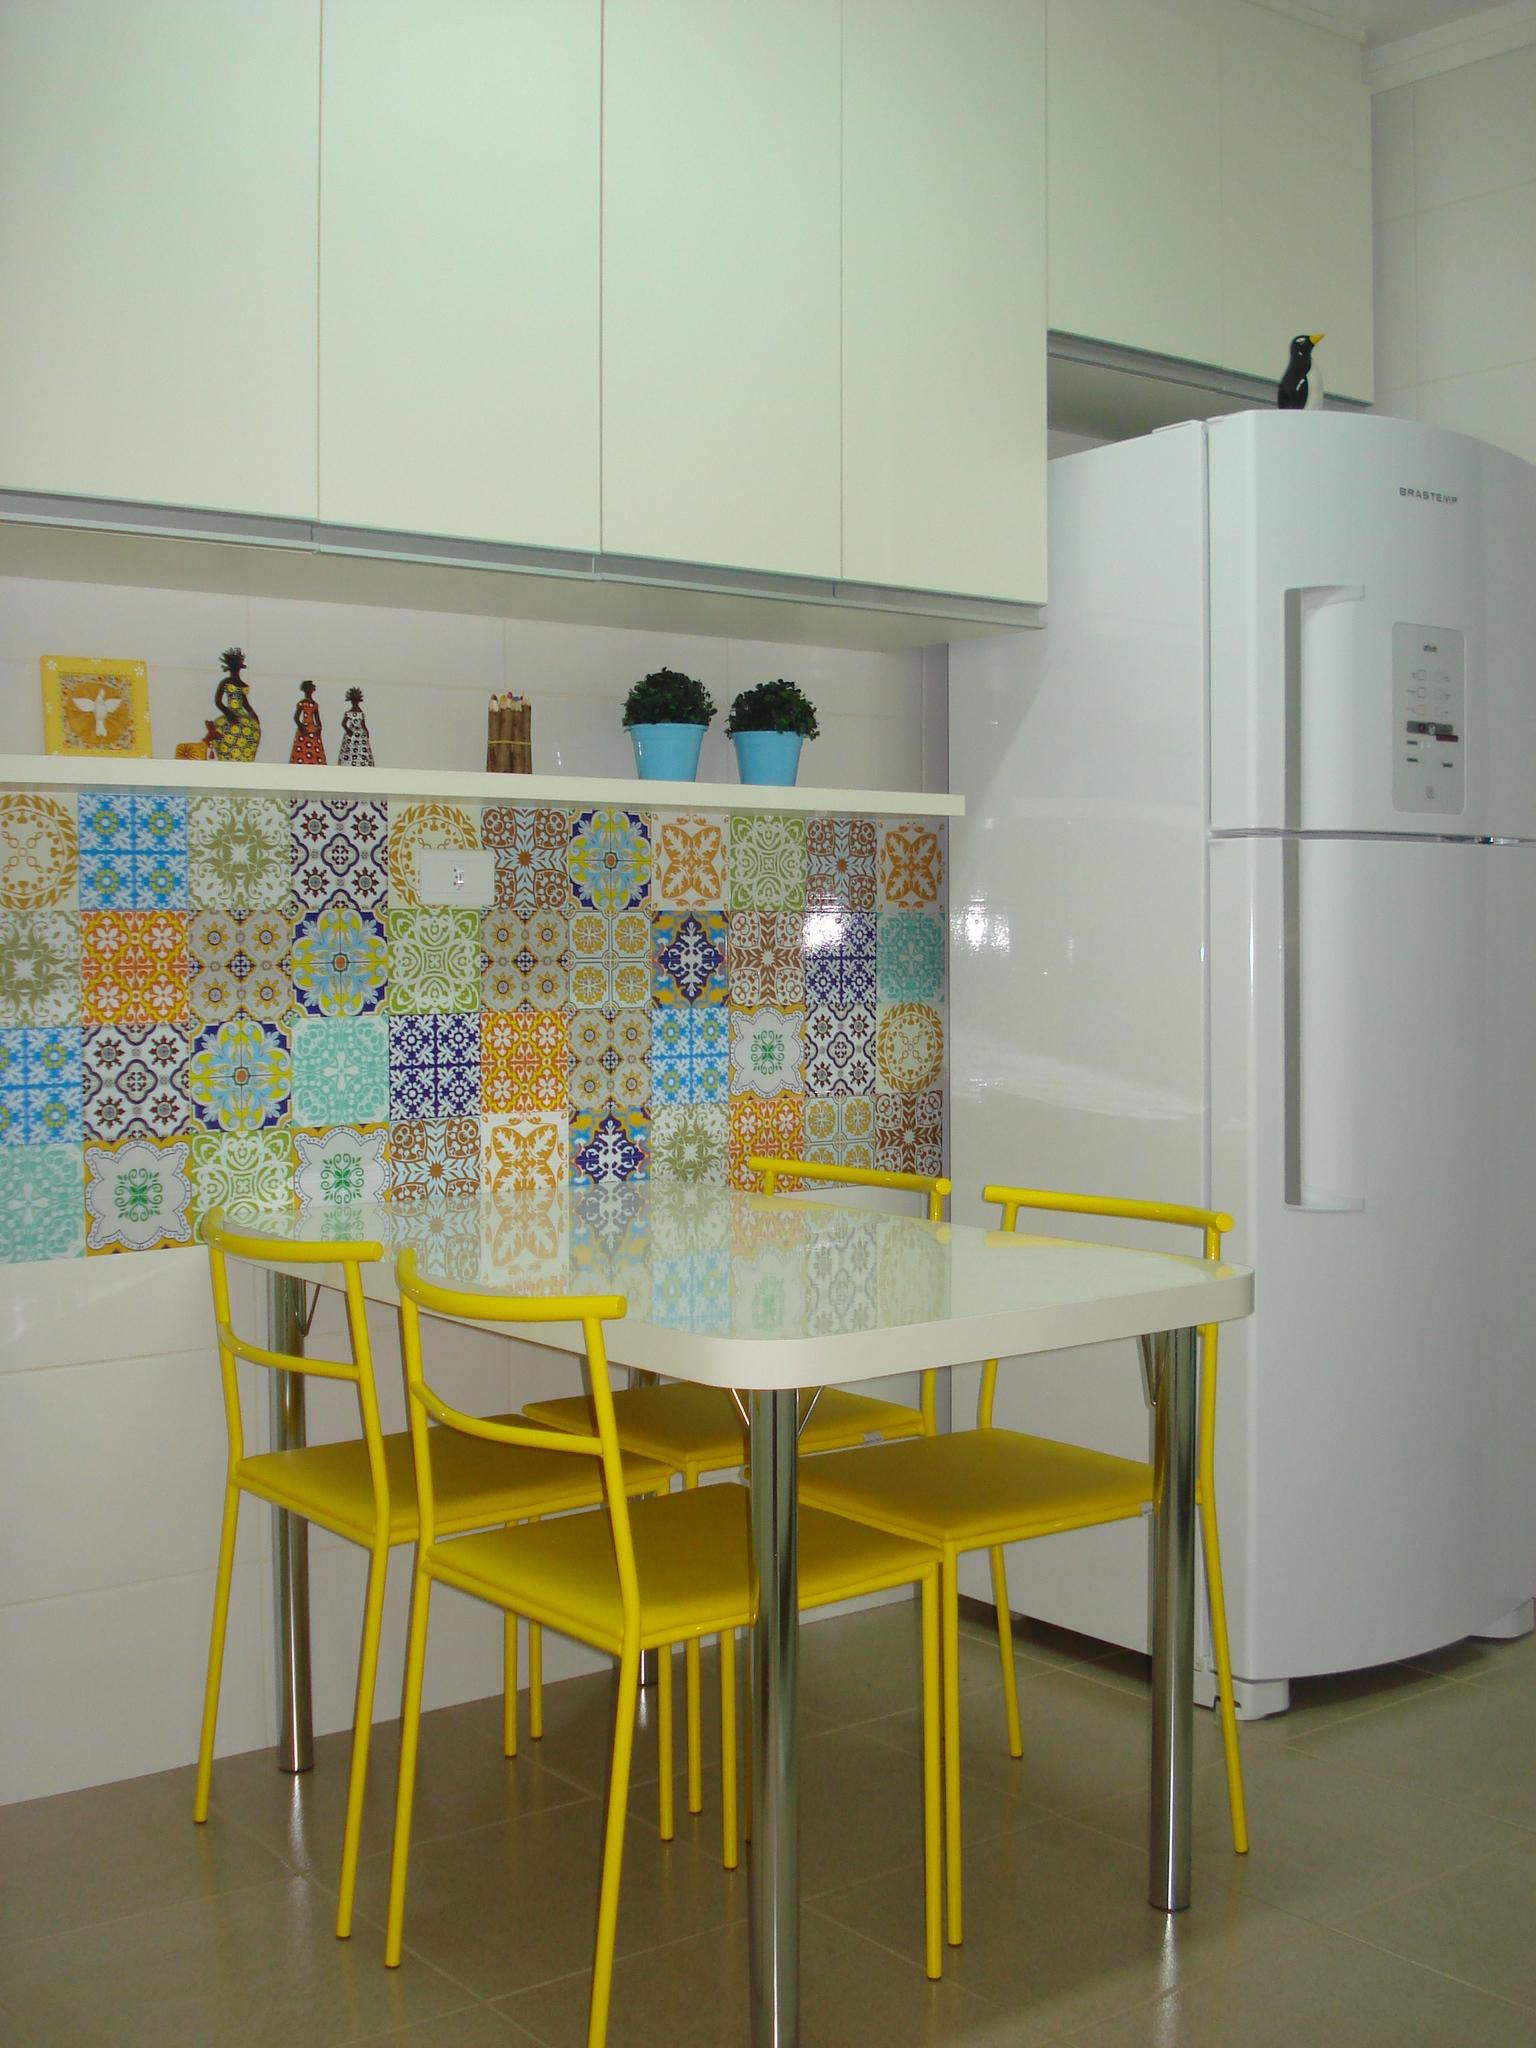 Rà ³tulo Adesivo Floral Produto Artesanal 10 Un Pictures to pin  #C6B404 1536x2048 Azulejo Listrado Banheiro